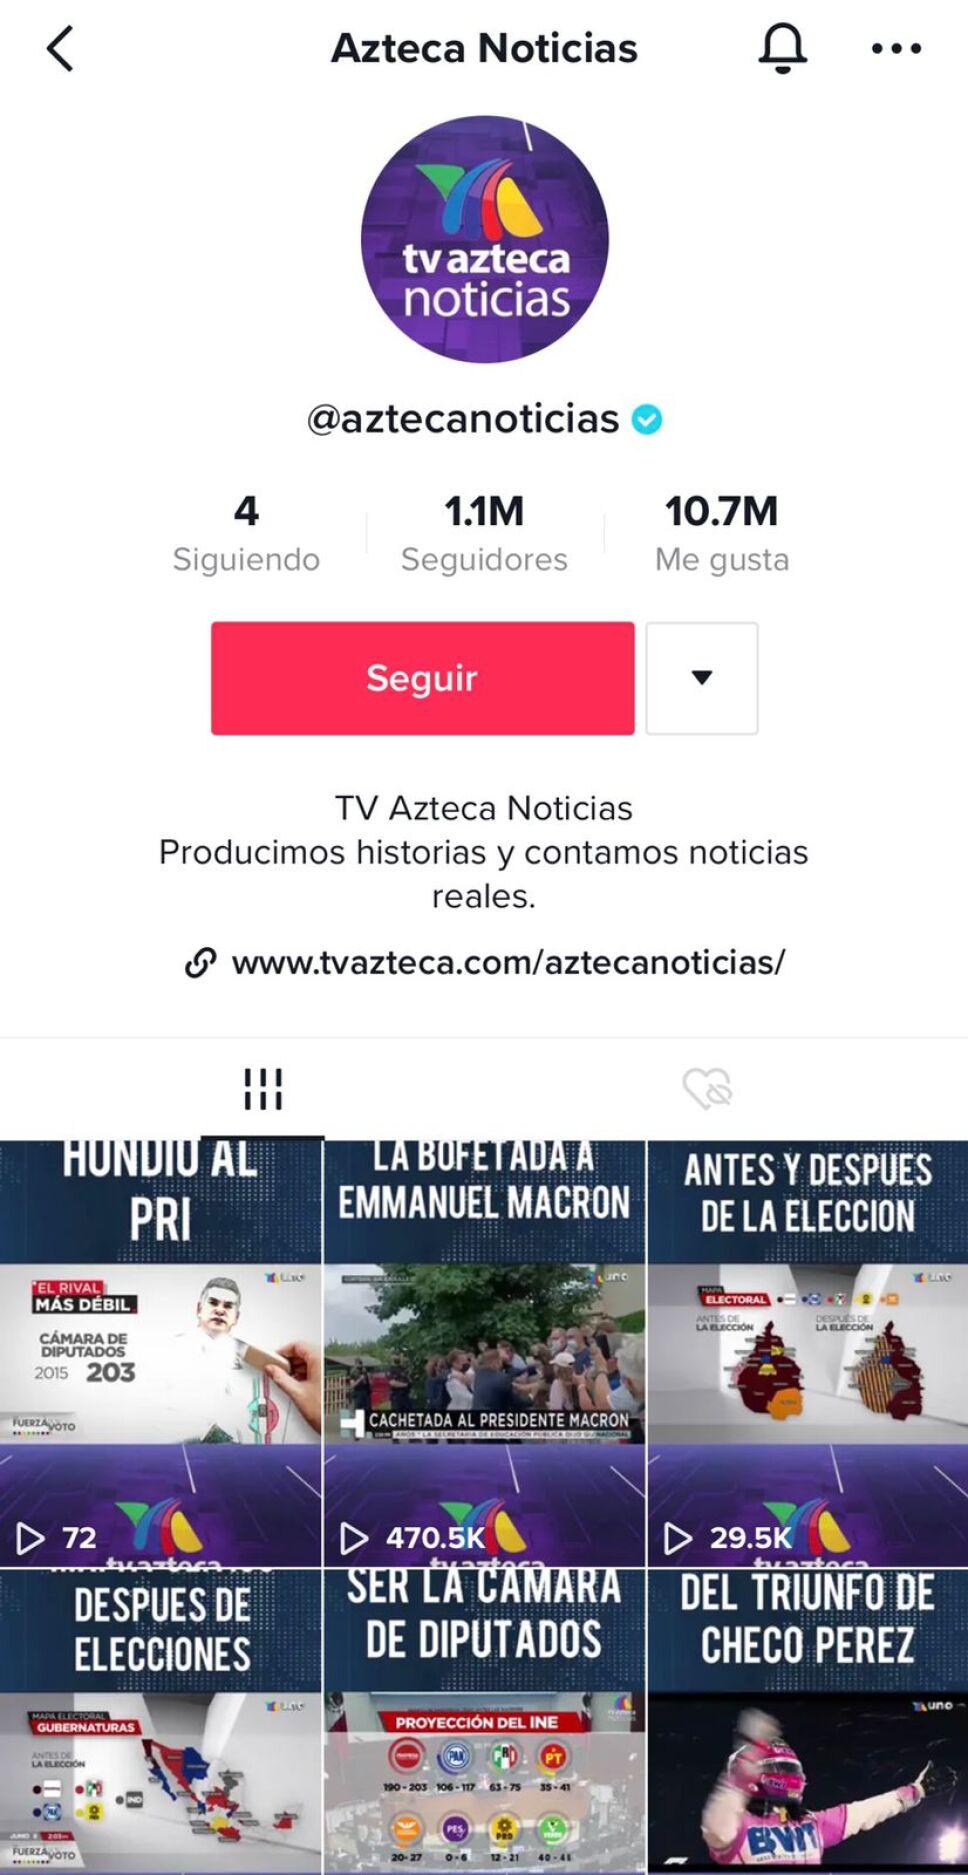 TikTok de Azteca Noticias